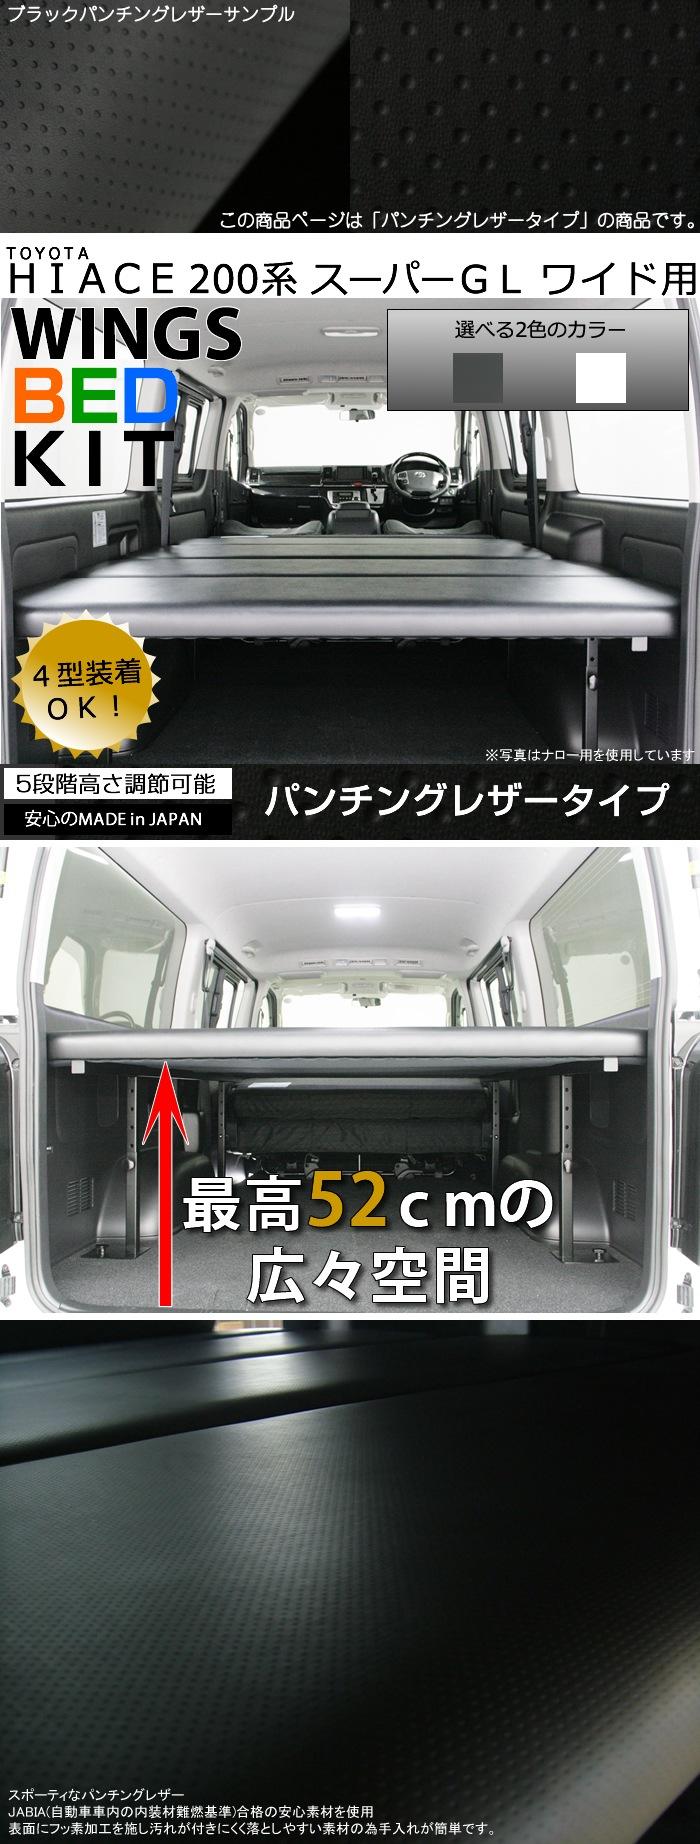 ハイエース200系専用高品質低価格ベッドキット